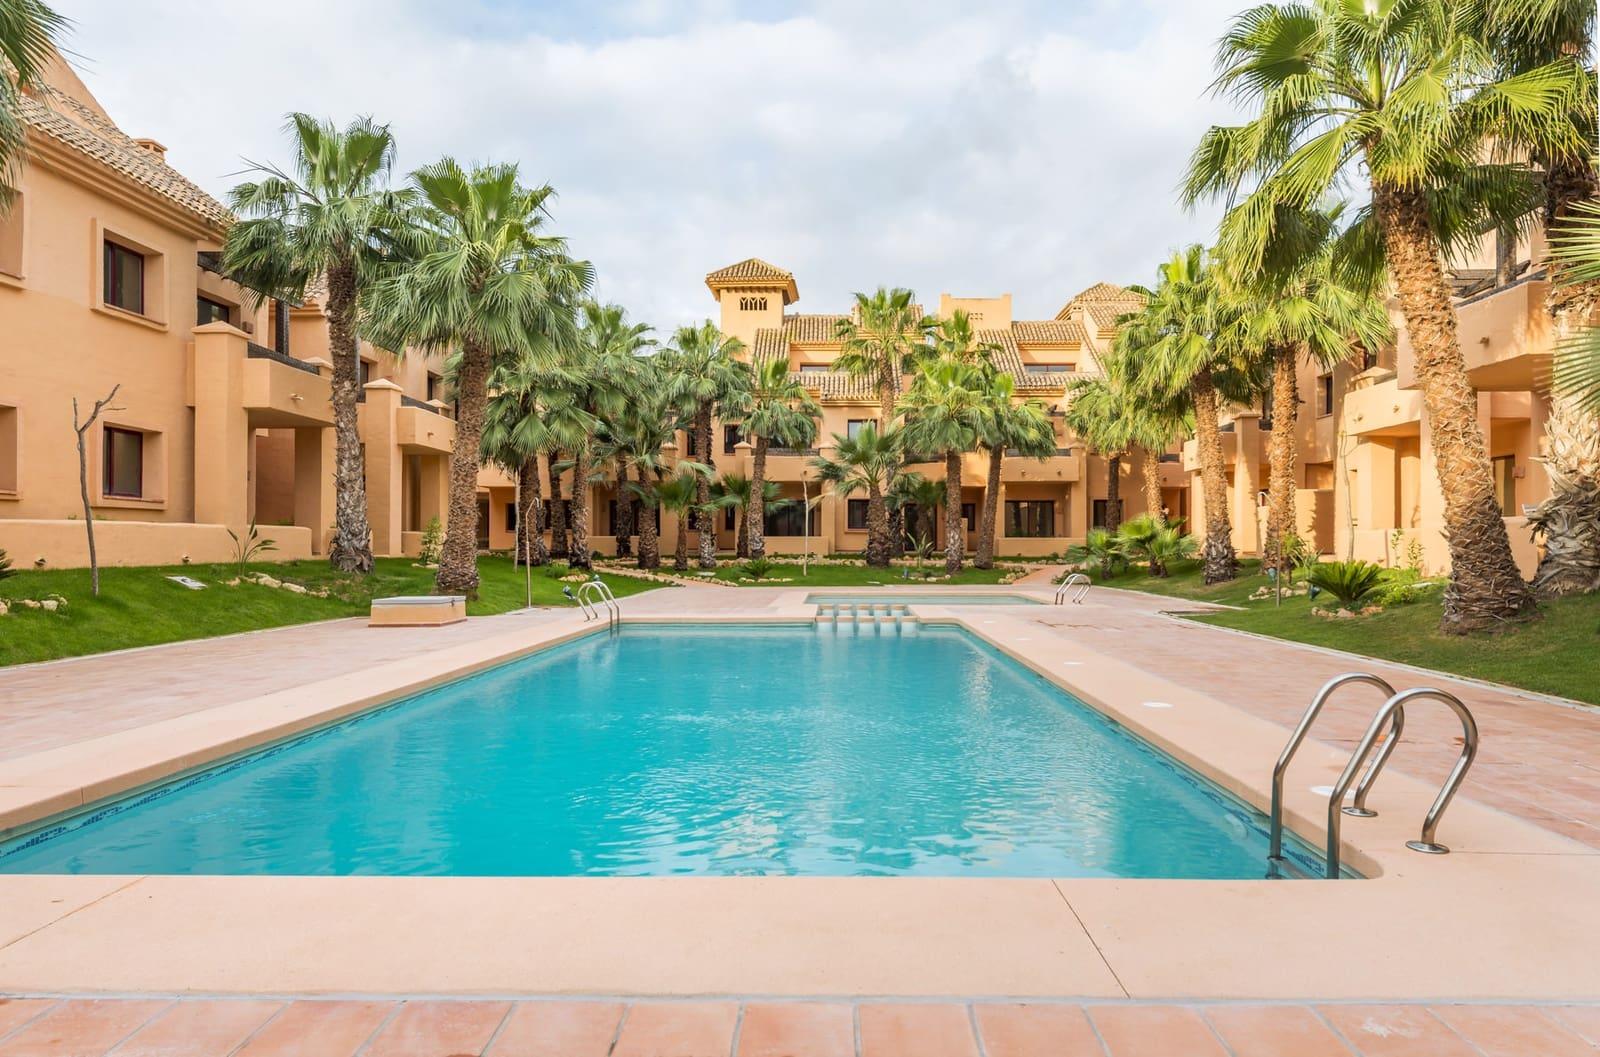 Apartamento de 2 habitaciones en Los Alcázares en venta con piscina garaje - 98.500 € (Ref: 4739035)